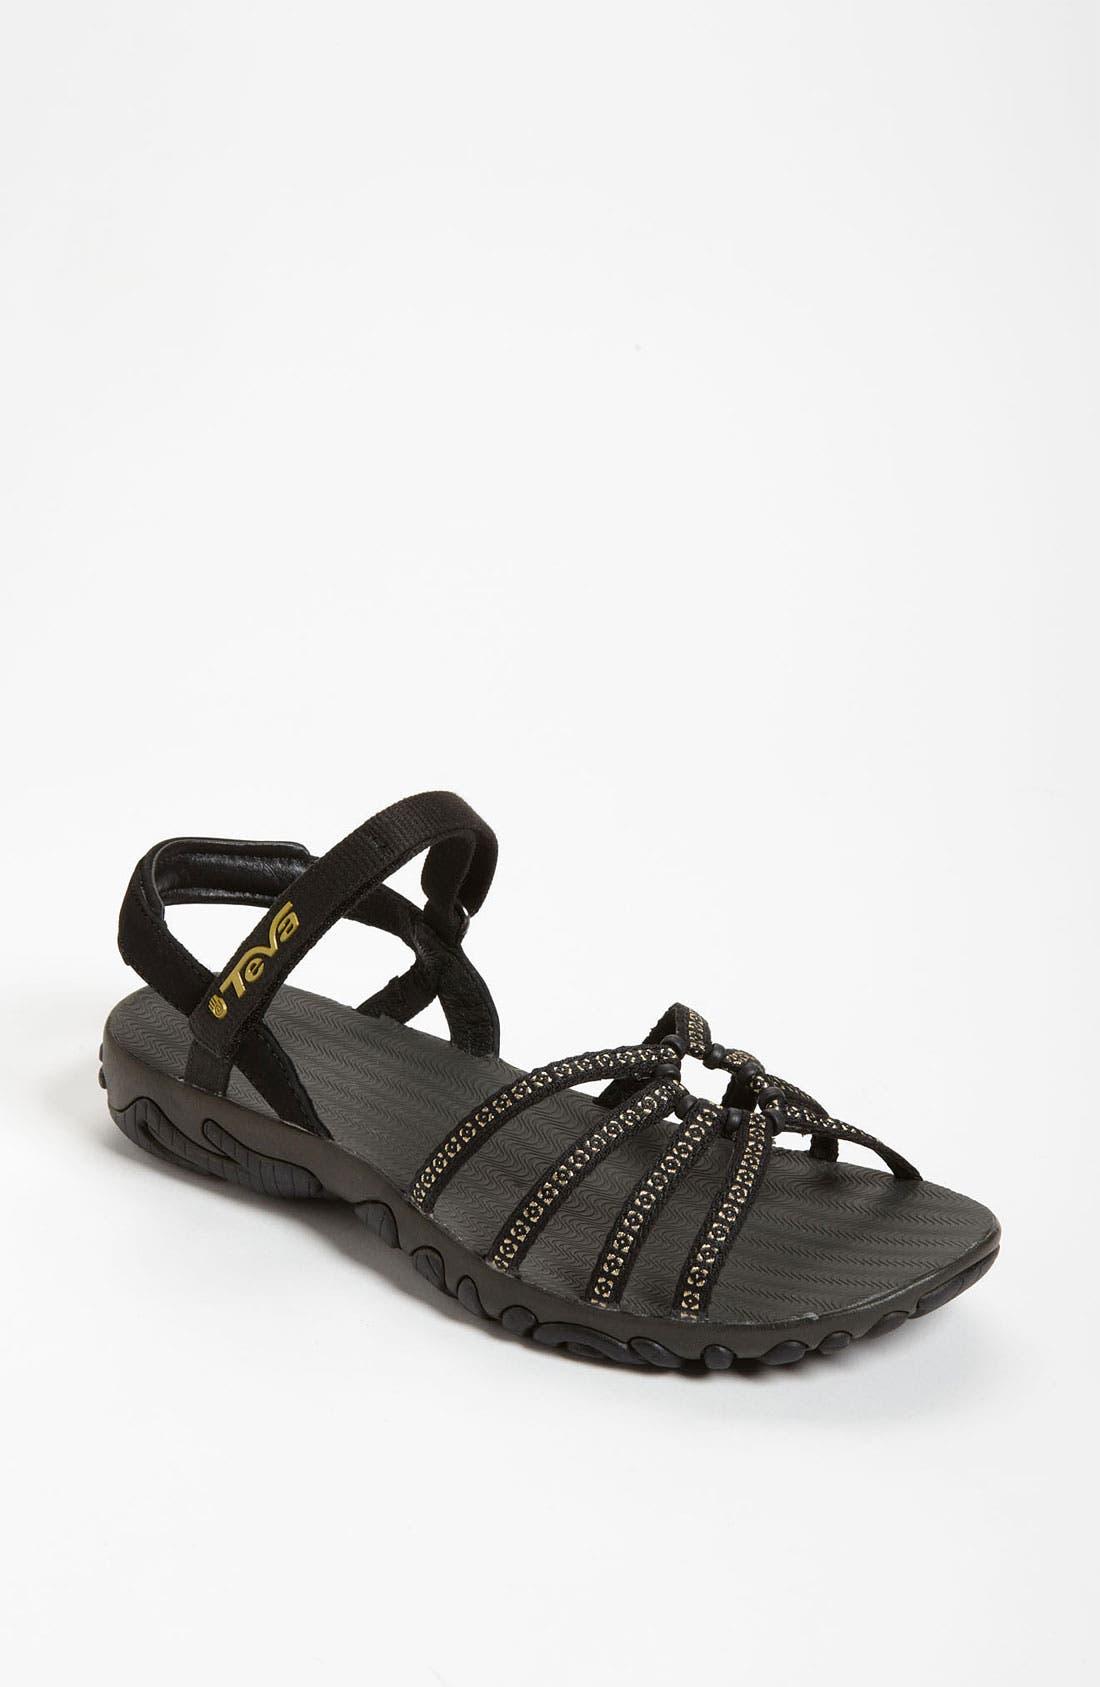 Main Image - Teva 'Kayenta' Sandal